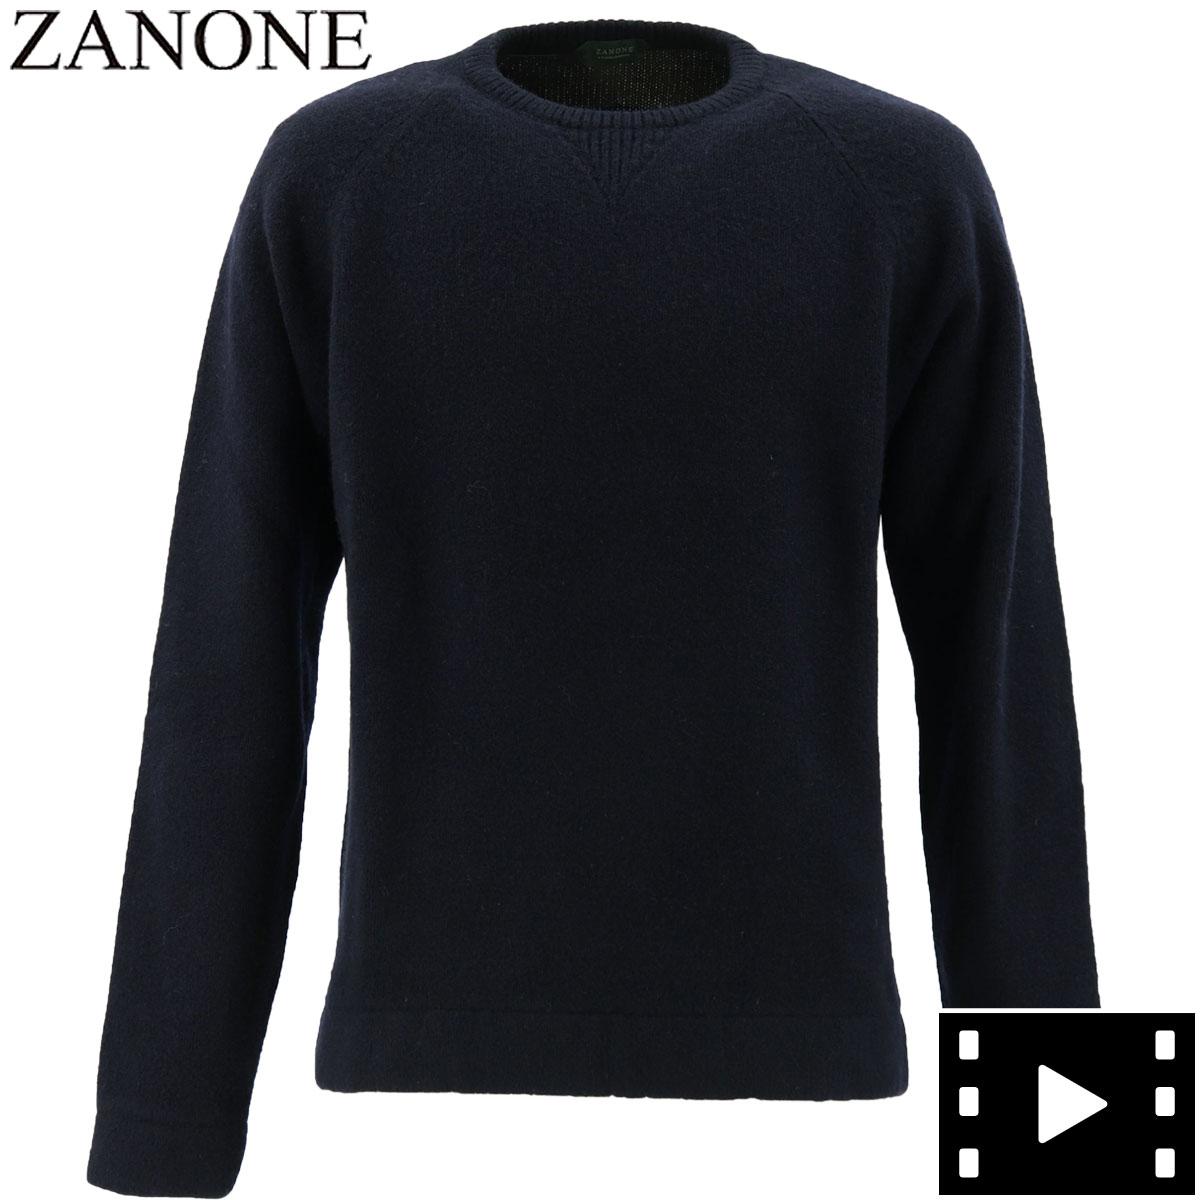 【クリアランスセール】ザノーネ ZANONE メンズ ラグランスリーブ クルーネックセーター GIRO RAG 812463 ZM253 Z1375 (ネイビー)【返品交換不可】